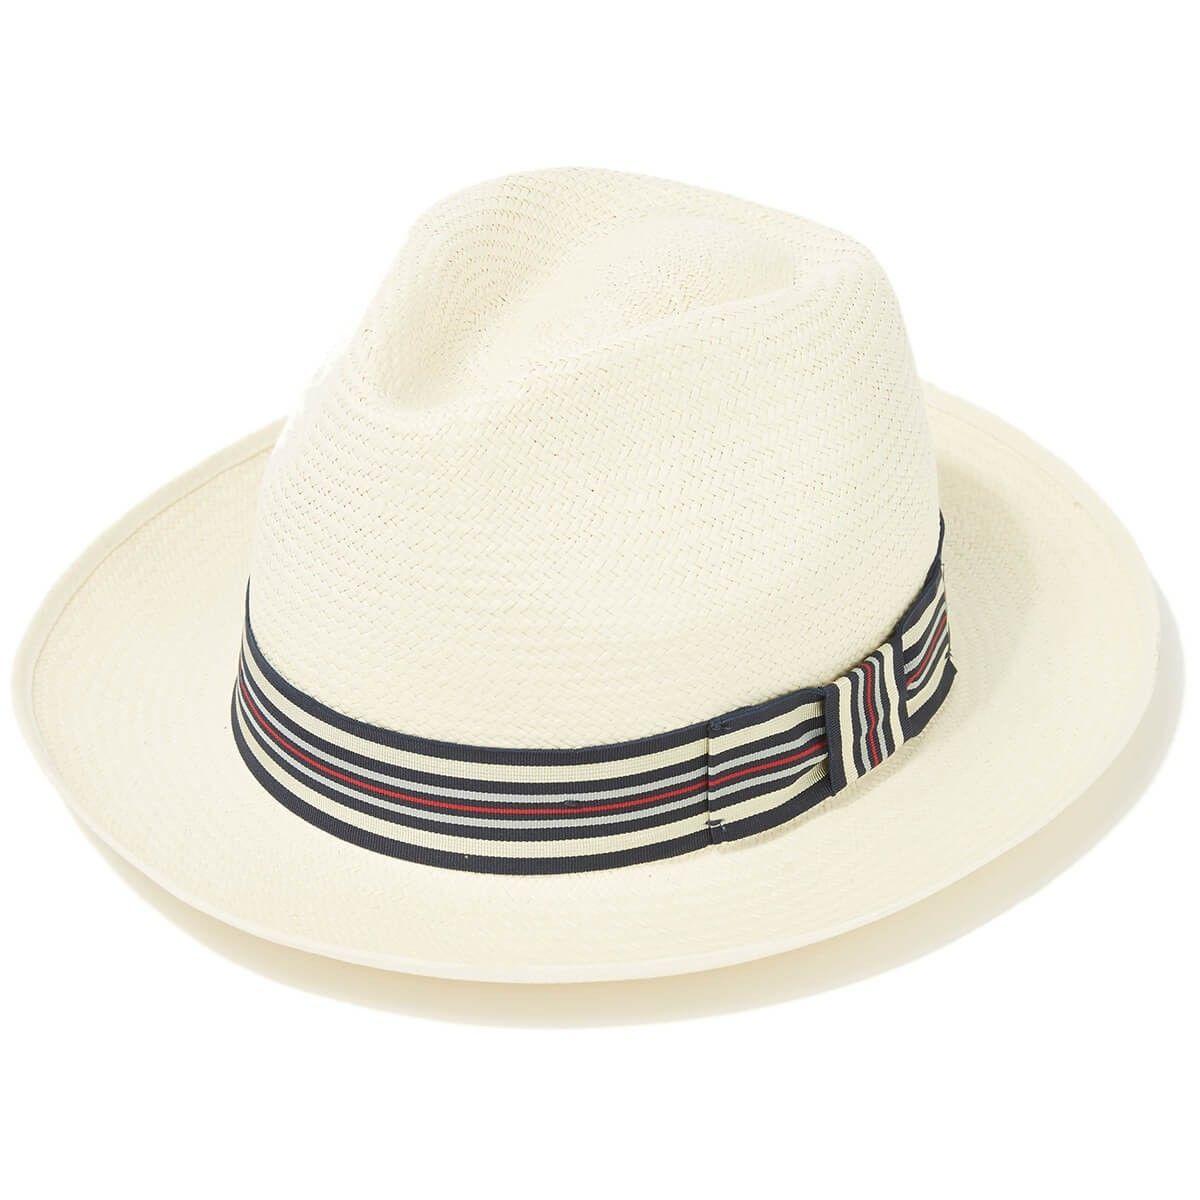 Chapeau de Panama régimentaire Christys